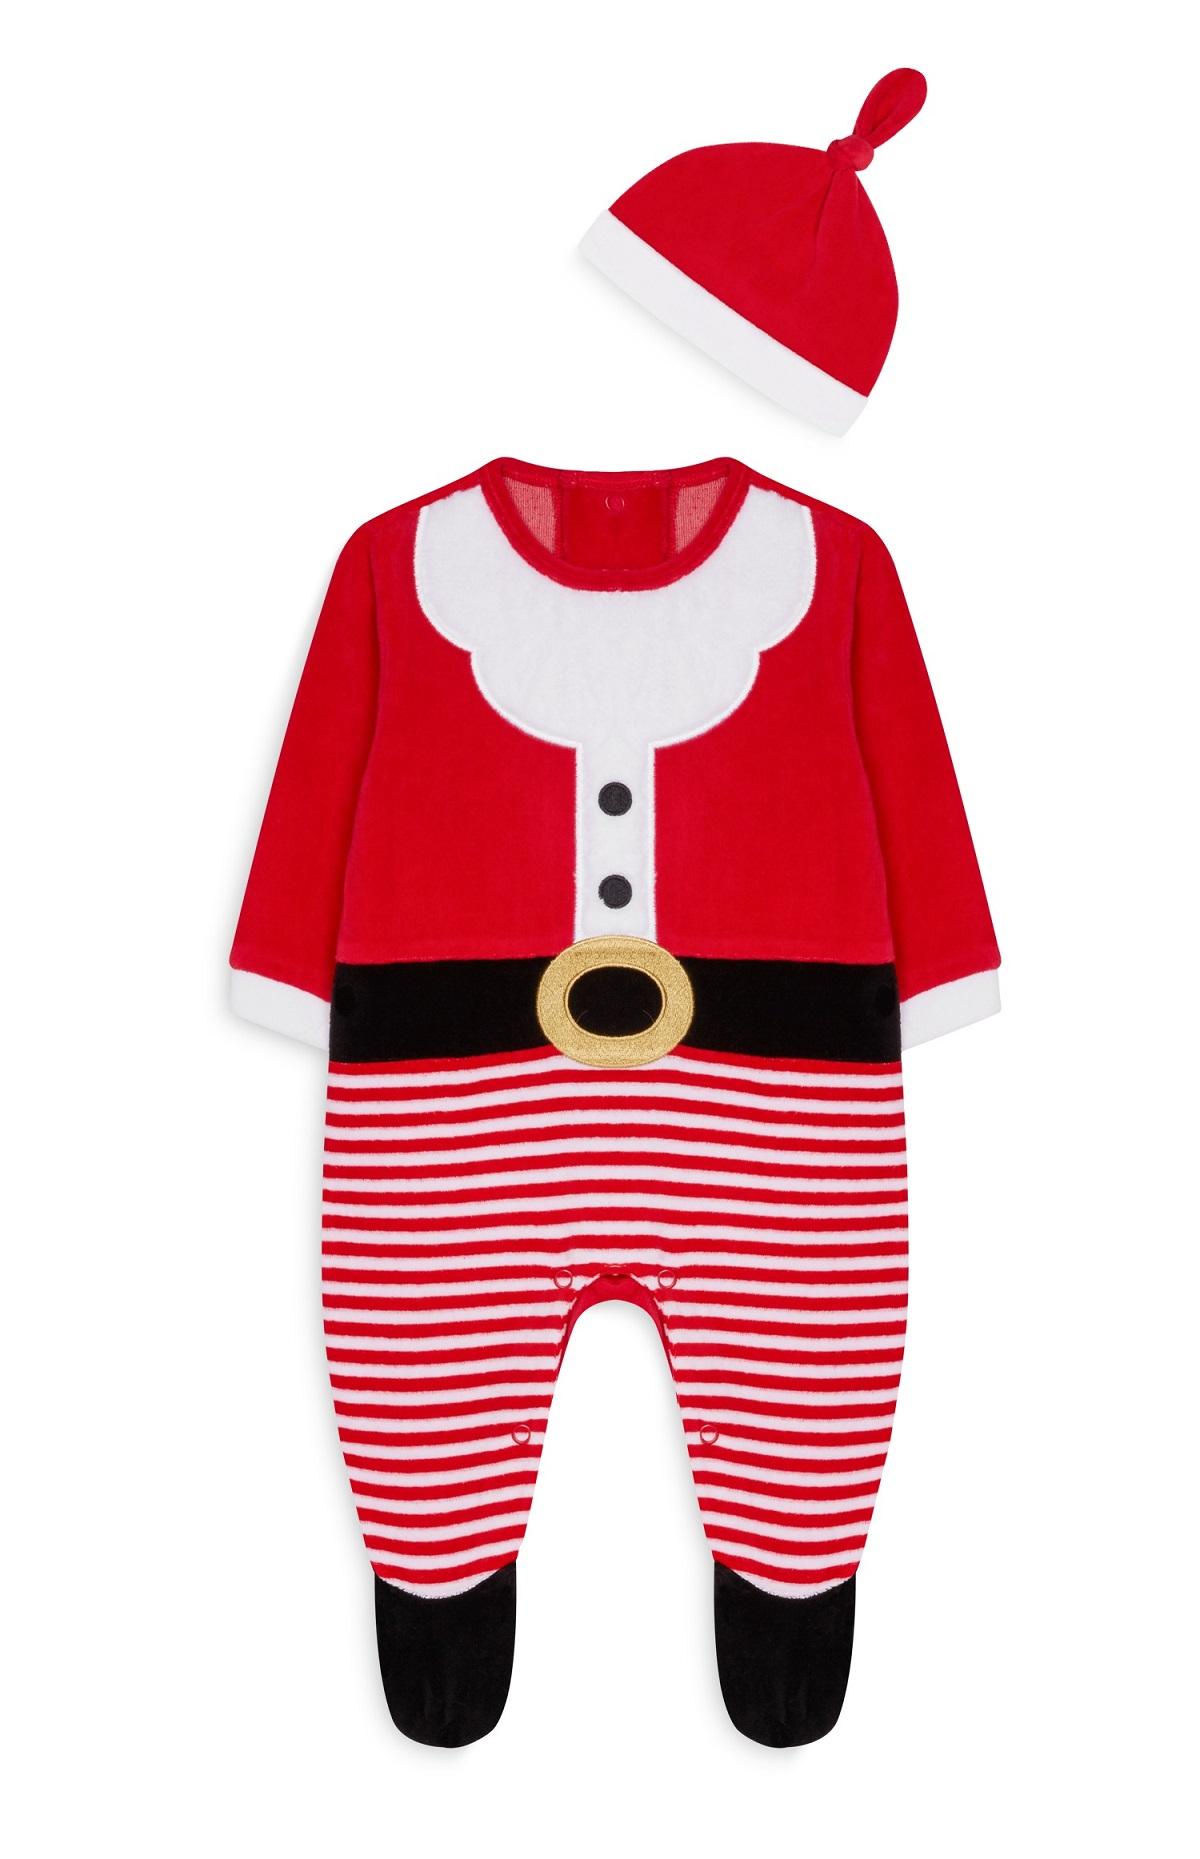 220c571ee1 Si de cara a las comidas familiares que realizaréis en Navidad quieres  vestir a tu hijo de la manera más apropiada o si quieres encontrarle el  atuendo ...